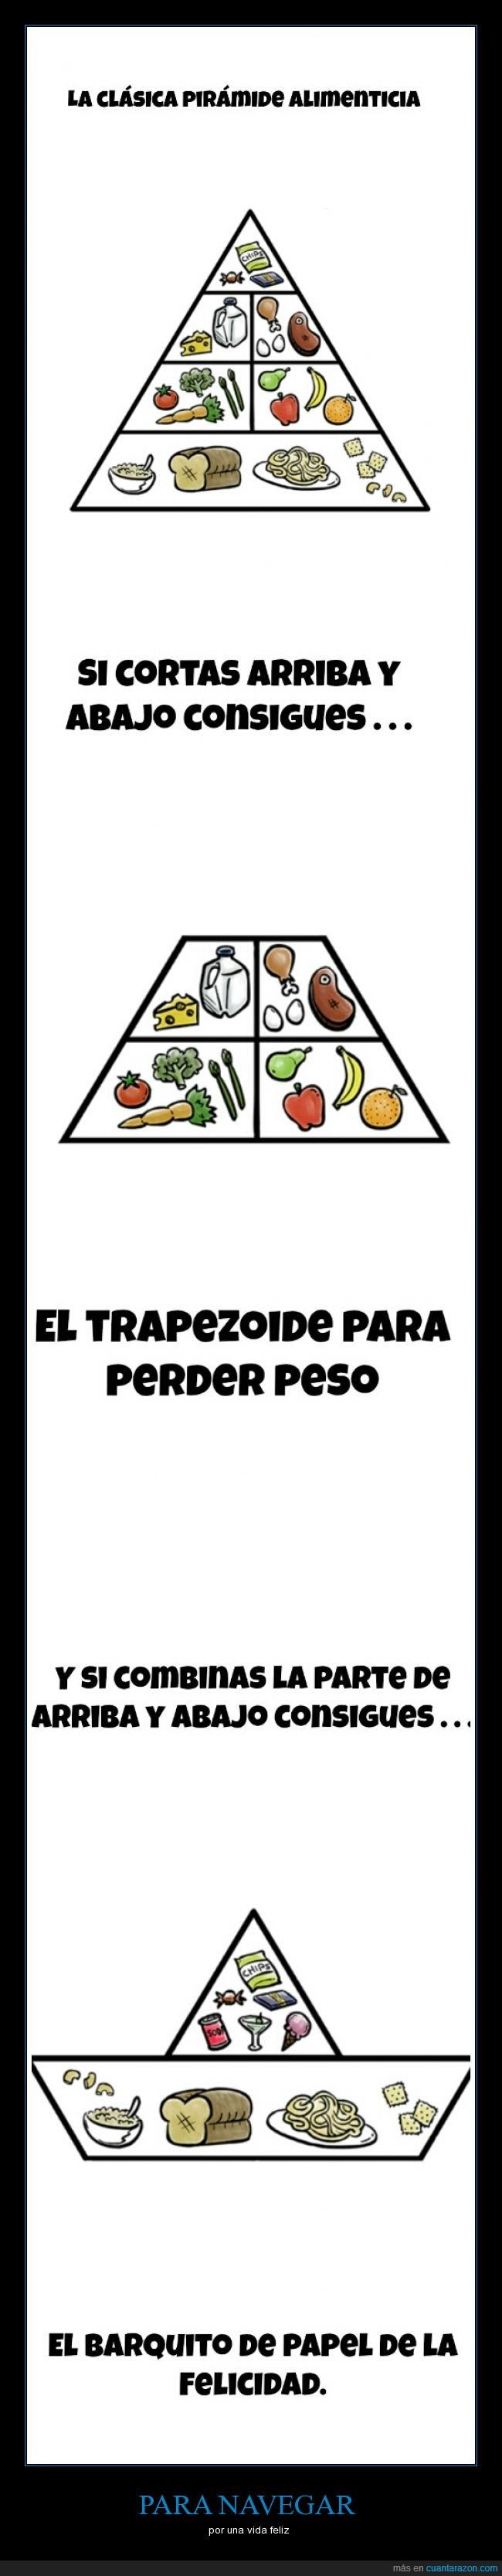 alimentos,barquito,combinar,felicidad,perder,piramide,Pirámide alimenticia